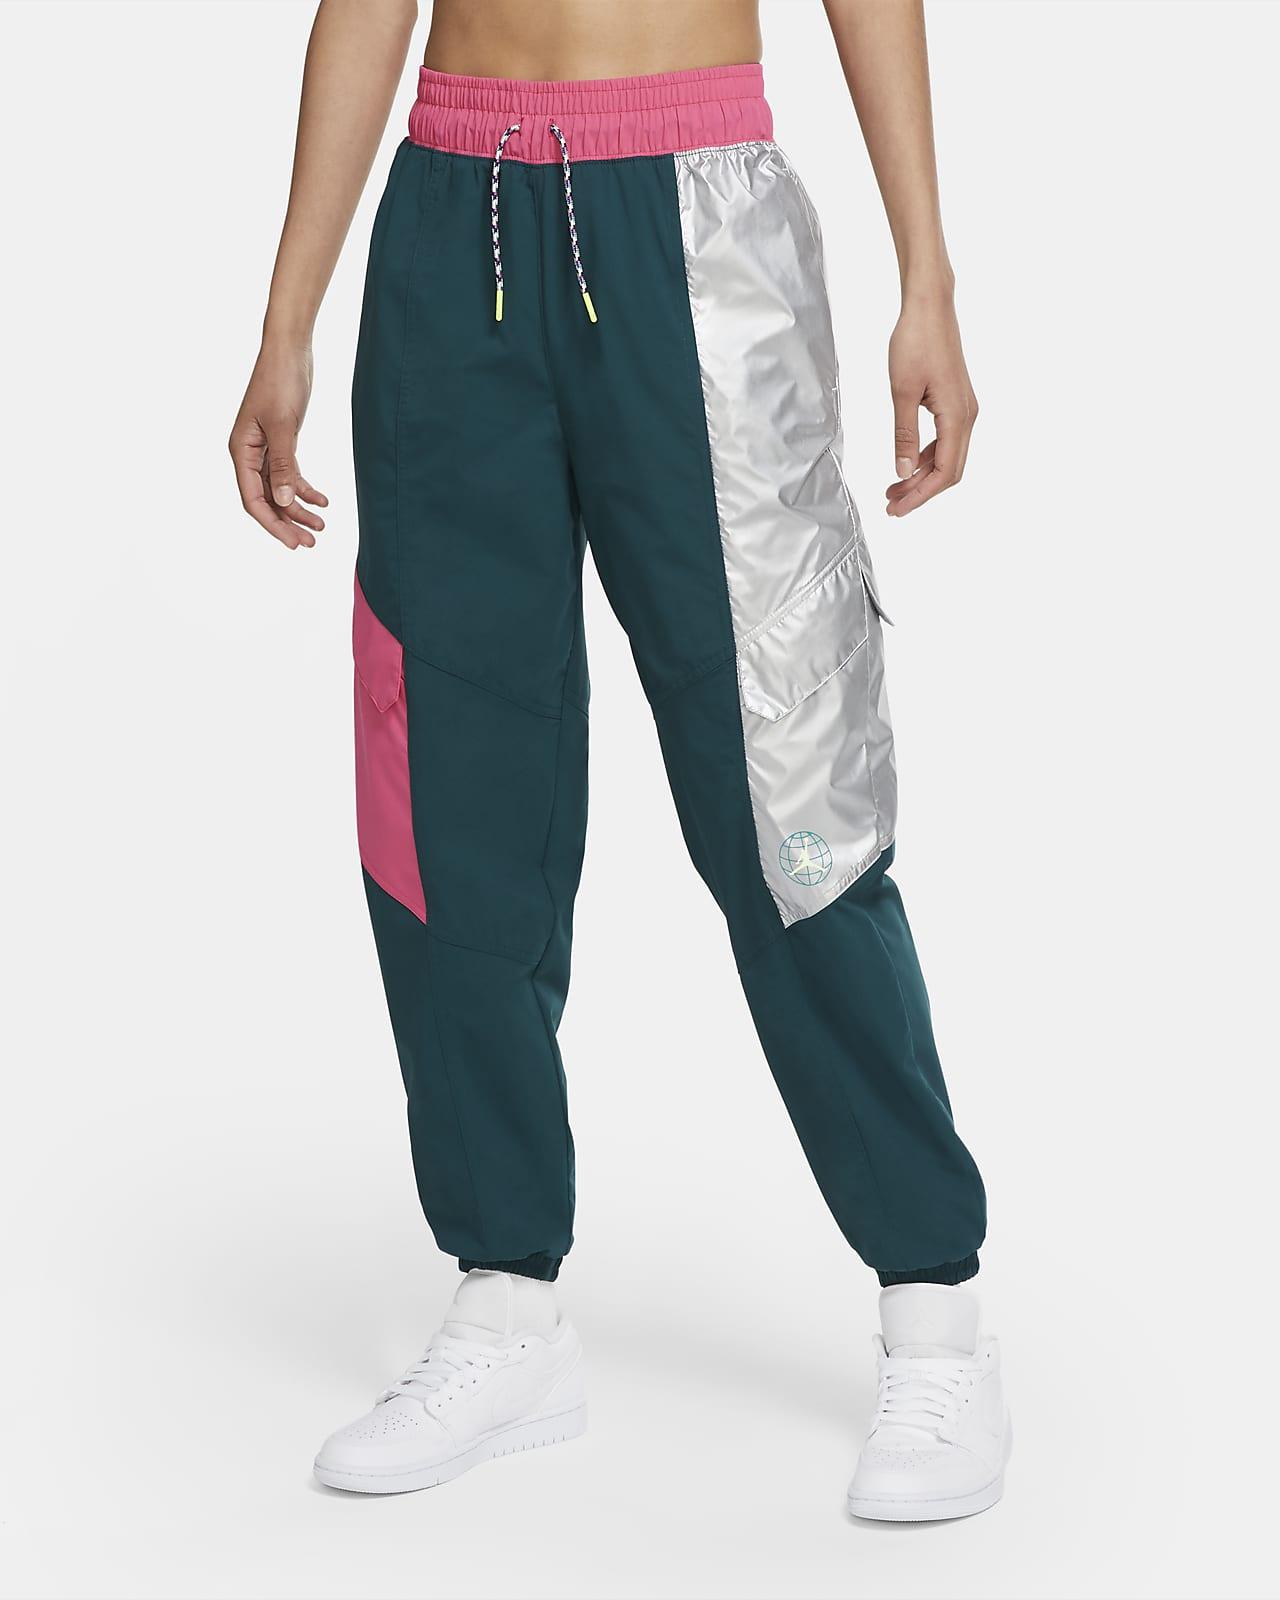 Jordan Winter Utility-bukser til kvinder